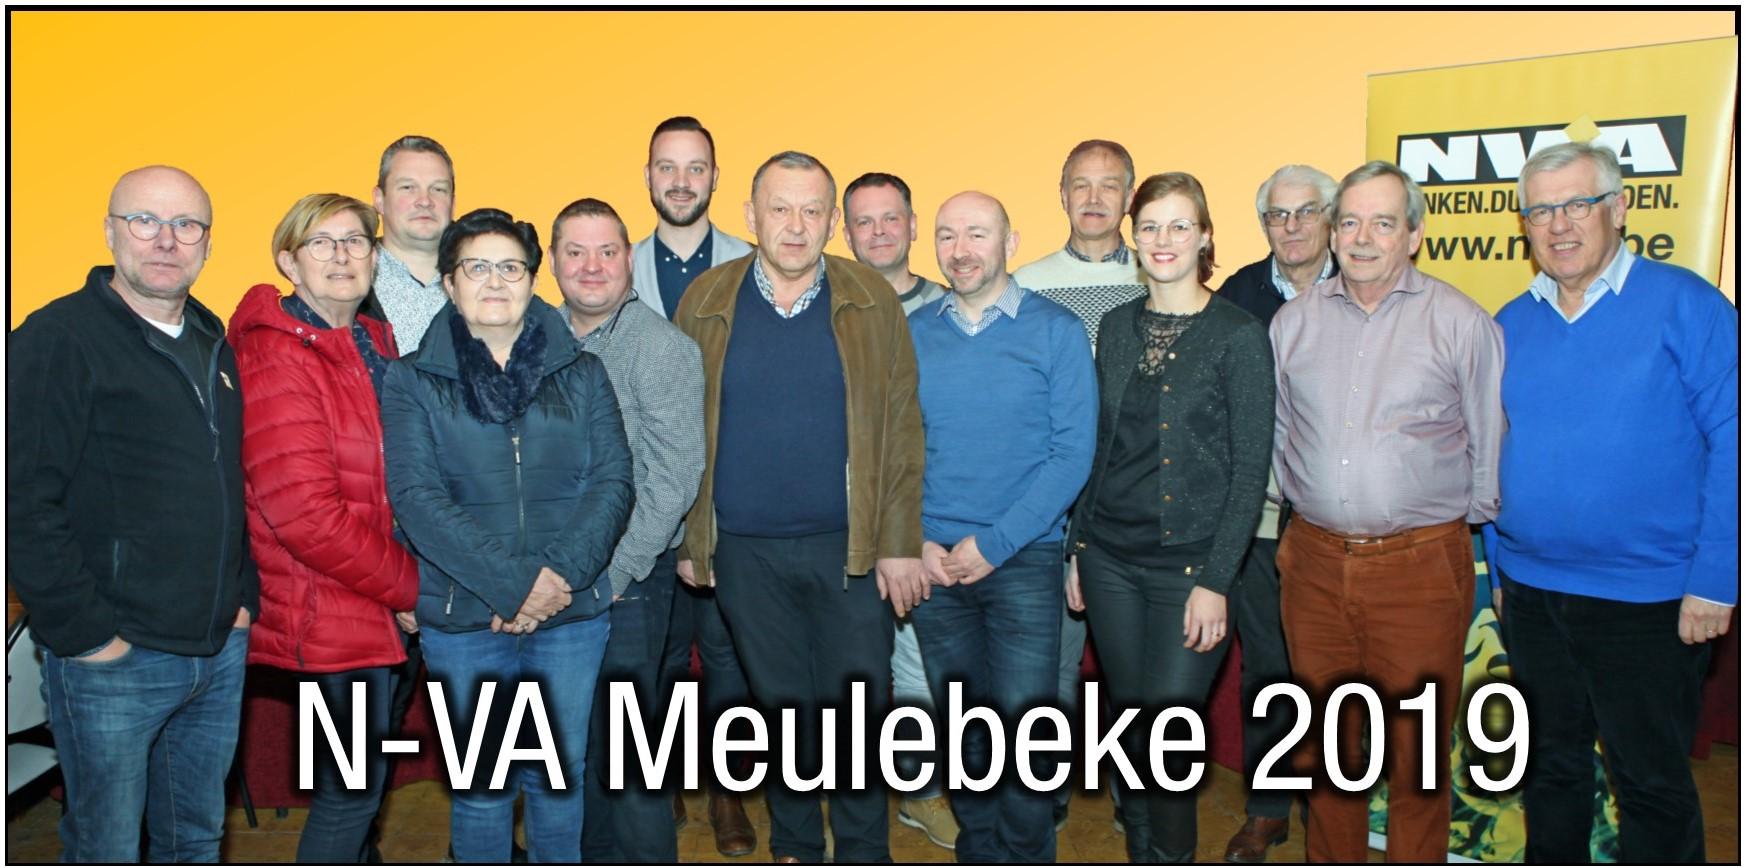 N-VA Meulebeke kiest nieuw bestuur.